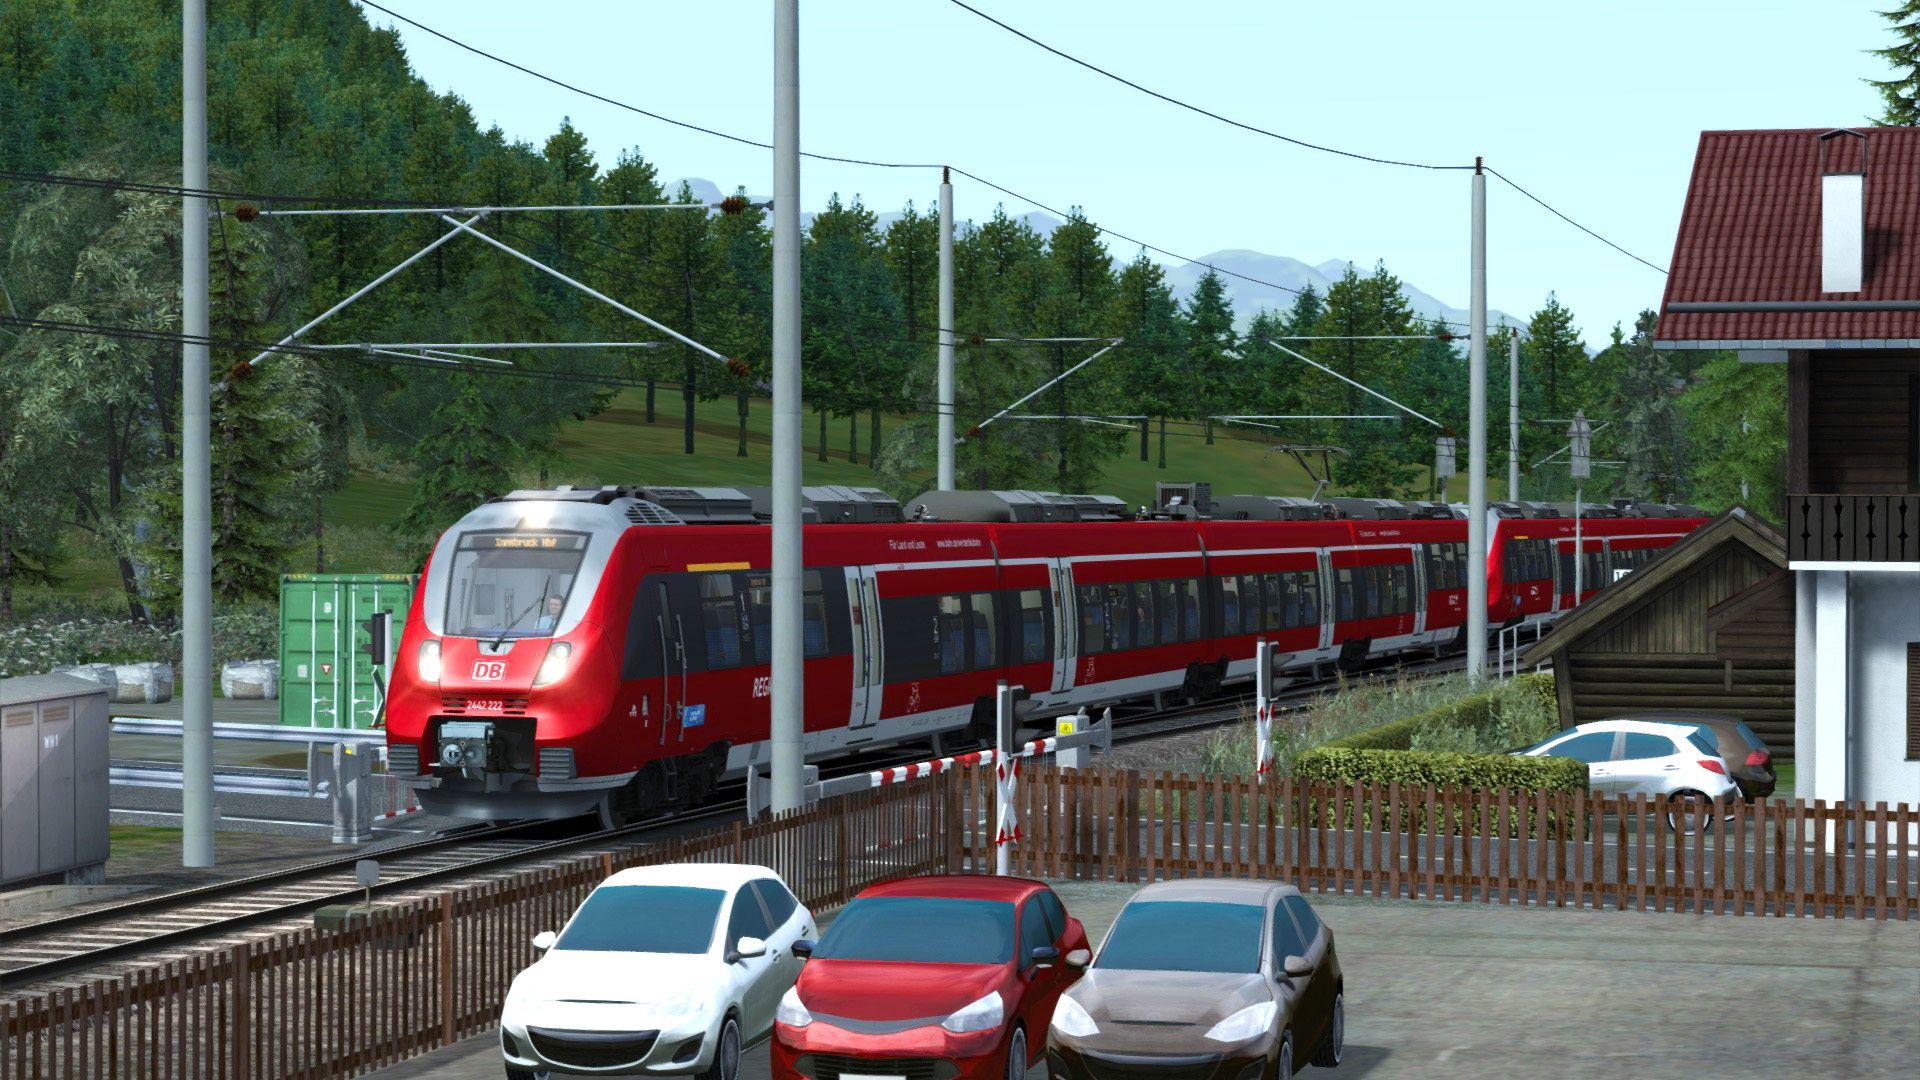 Train Simulator Mittenwaldbahn: Garmisch-Partenkirchen - Innsbruck